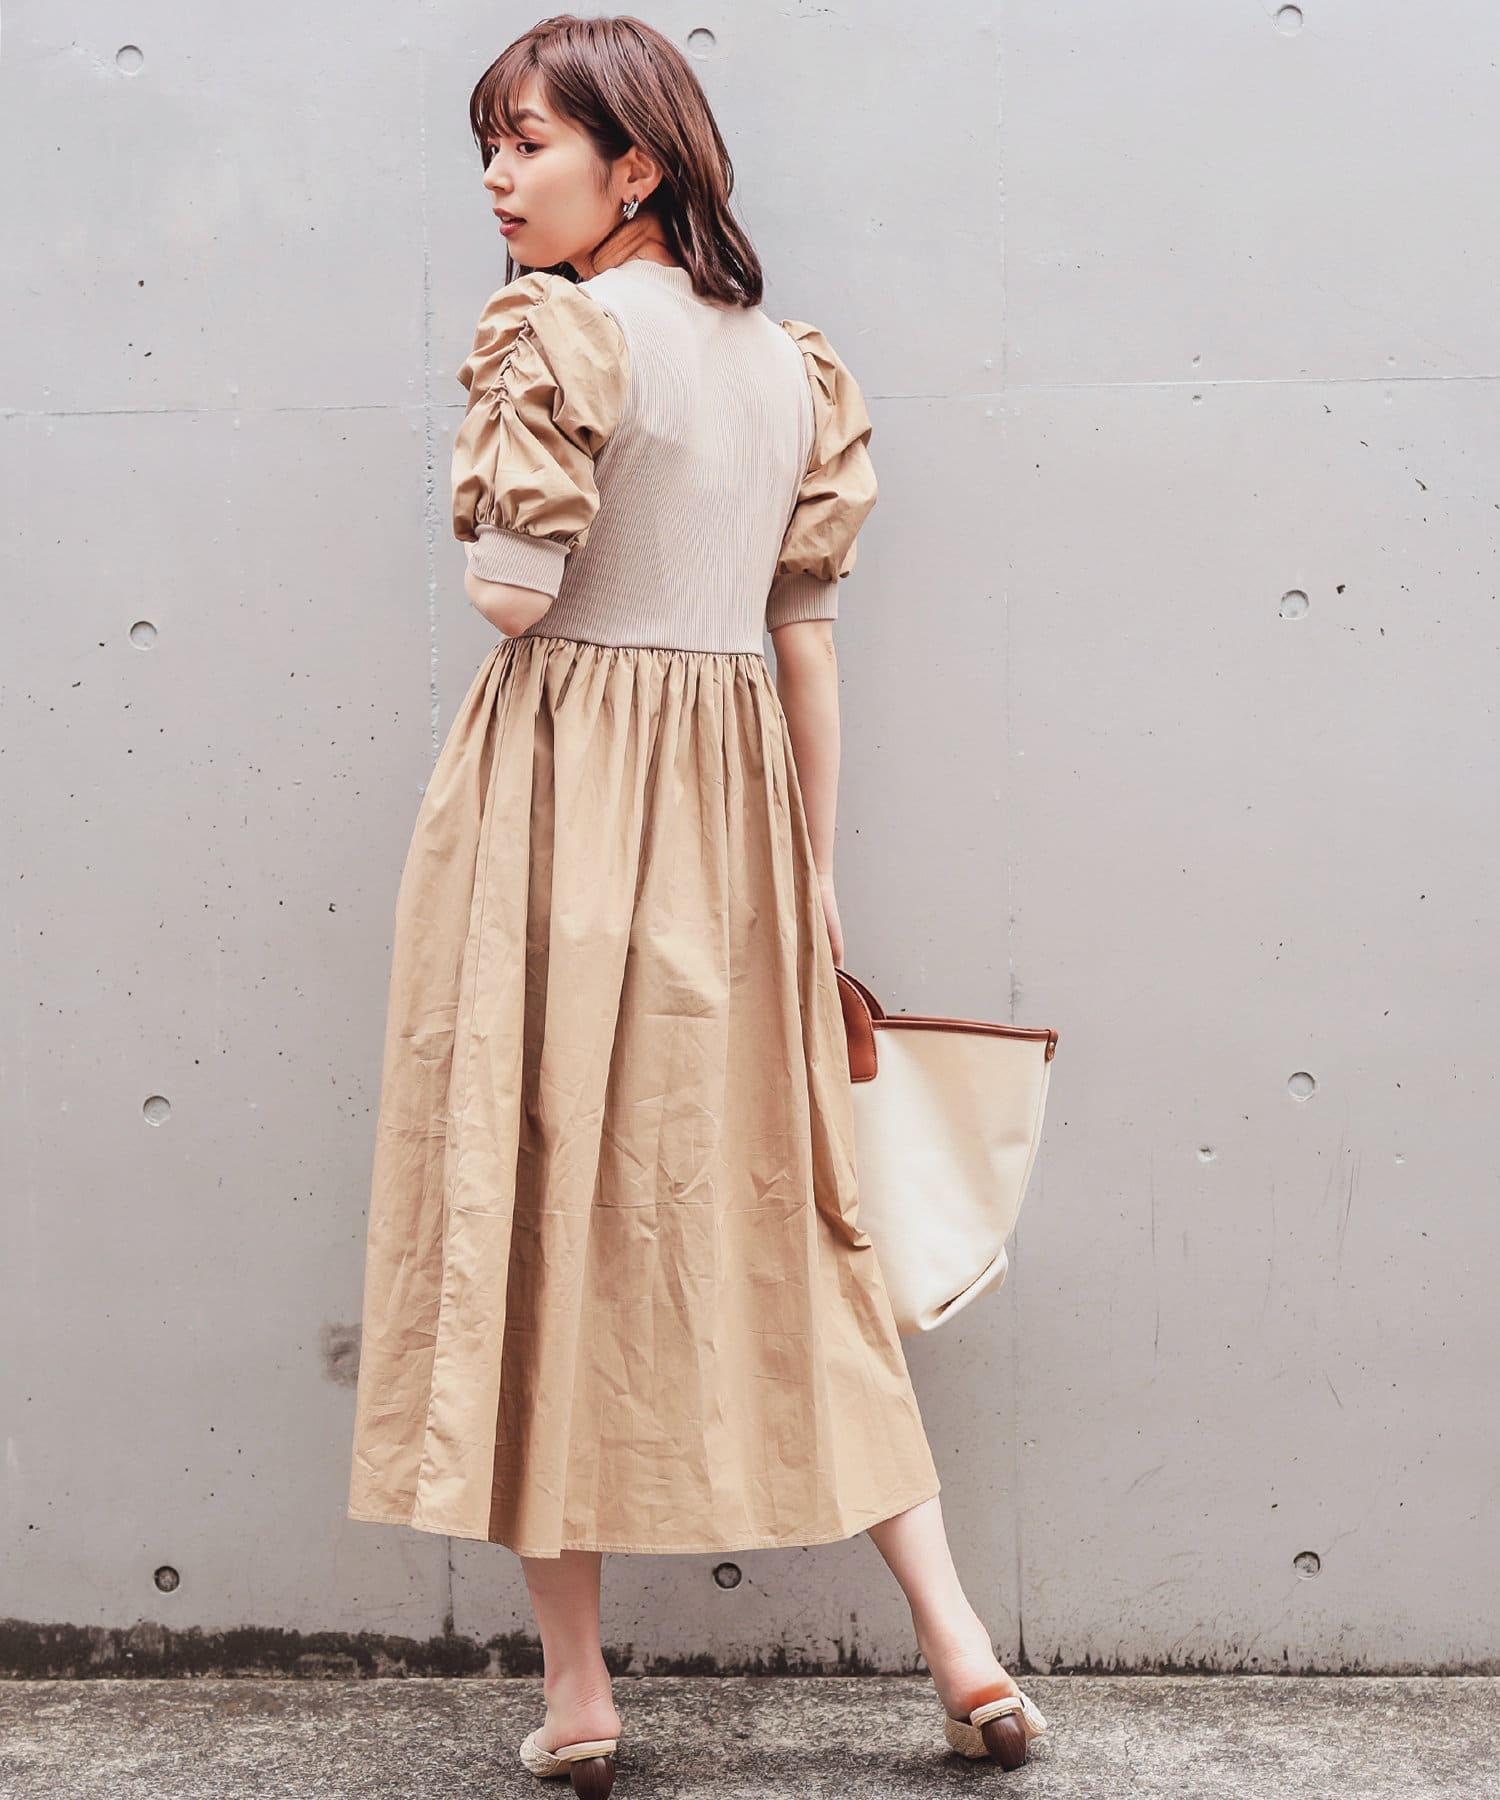 natural couture(ナチュラルクチュール) 【WEB限定】袖コンシャスドッキングワンピース